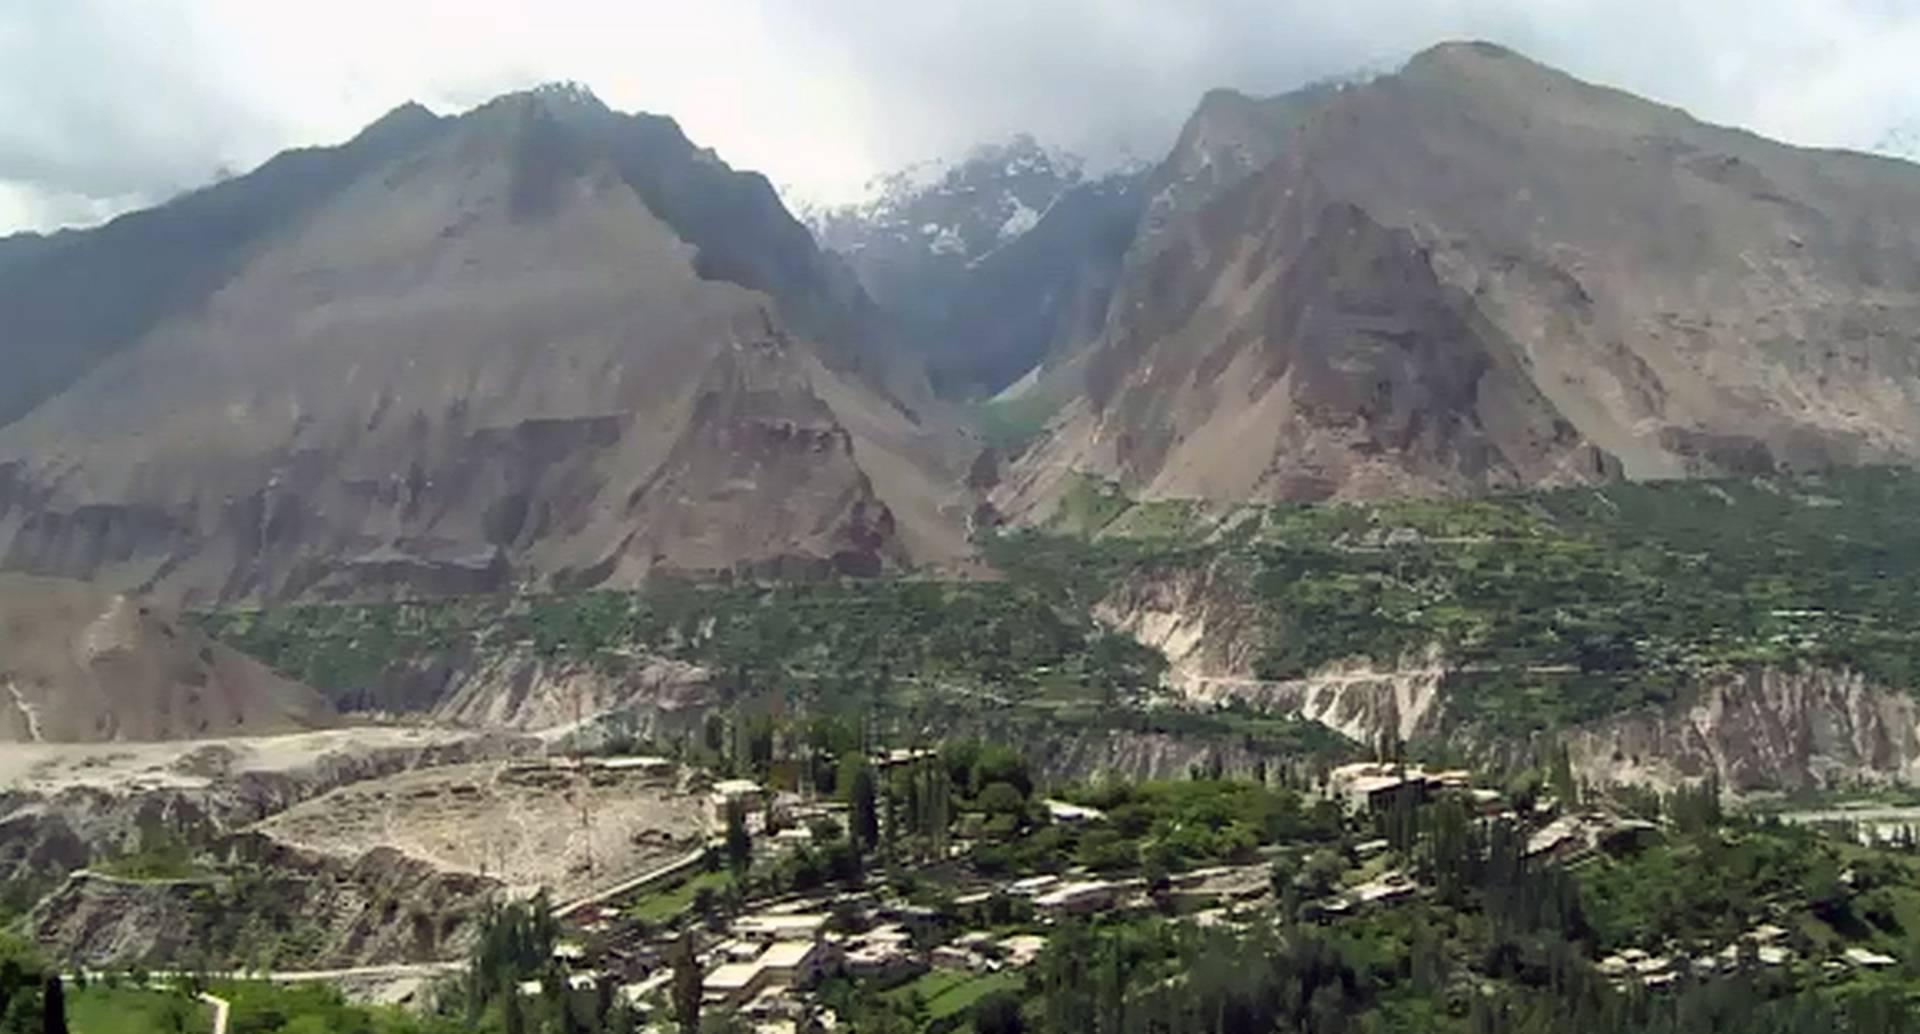 Hace más de un año, diez extranjeros y su guía fueron asesinados en Nanga Parbat, un mítico pico de más de 8.000 metros en Paquistán. Lo que antes era un paraíso para los escaladores hoy se ha convertido en un valle solitario.